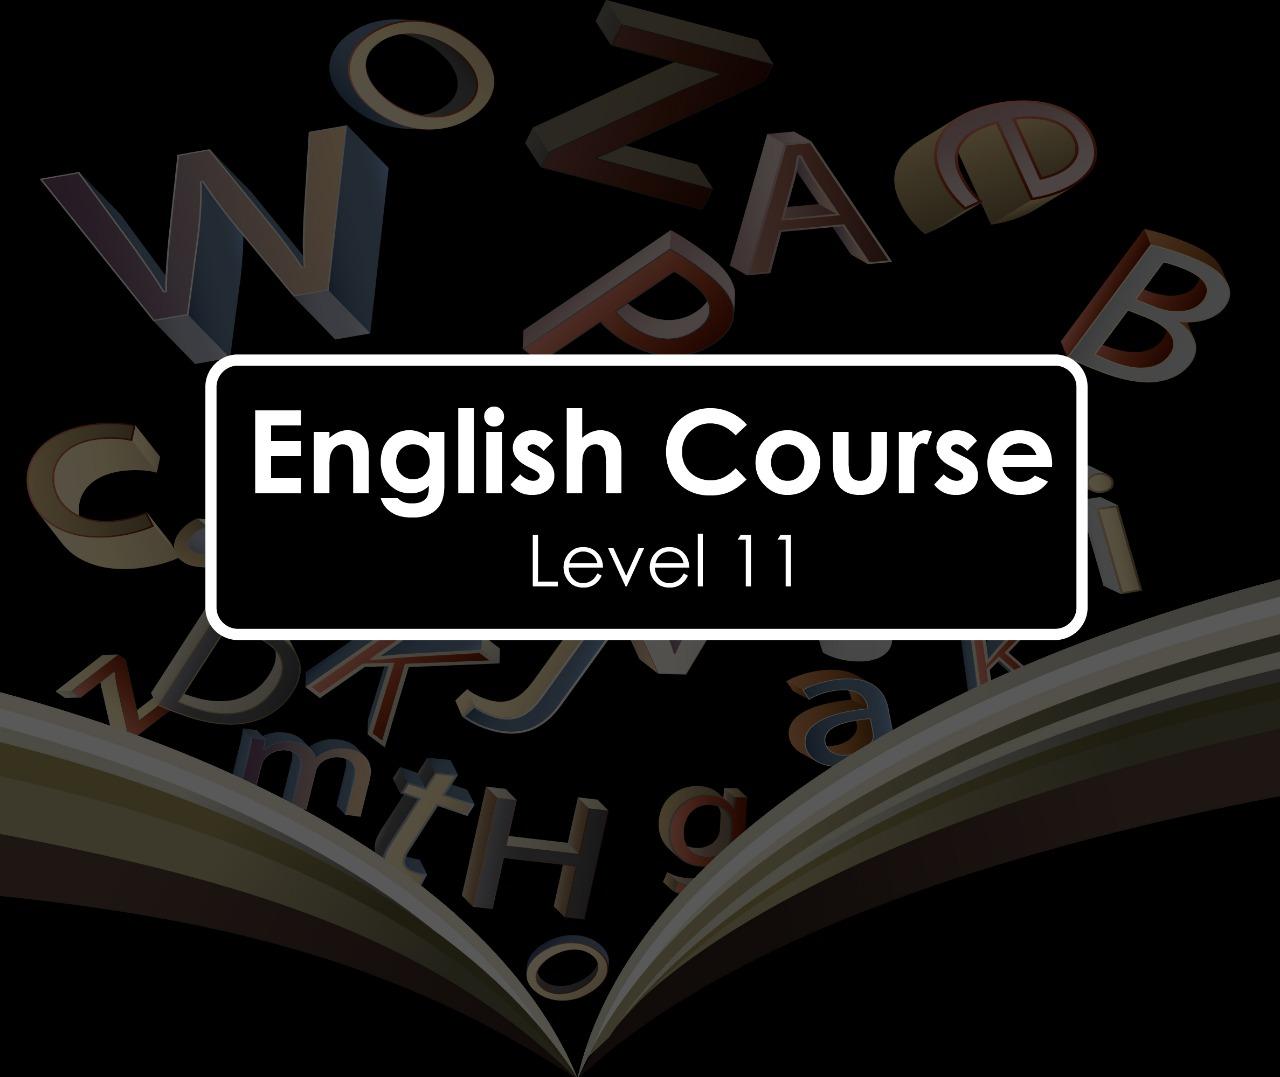 English level 11